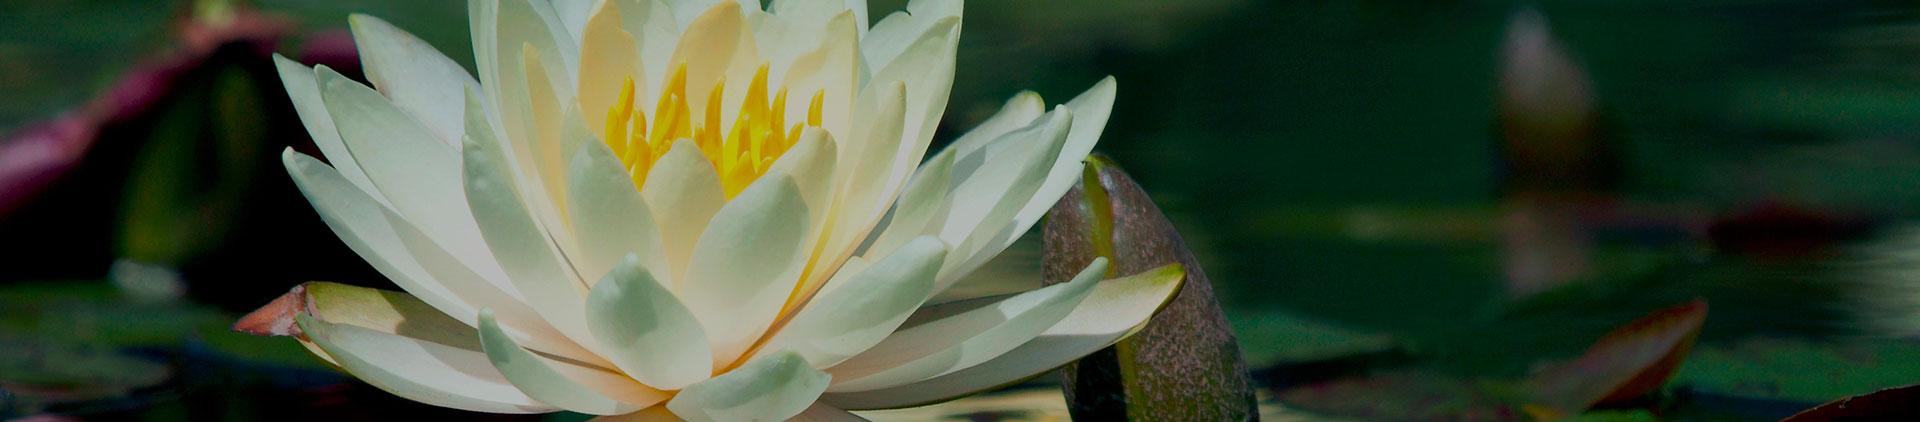 Resources | Gateway Funerals & Cremation